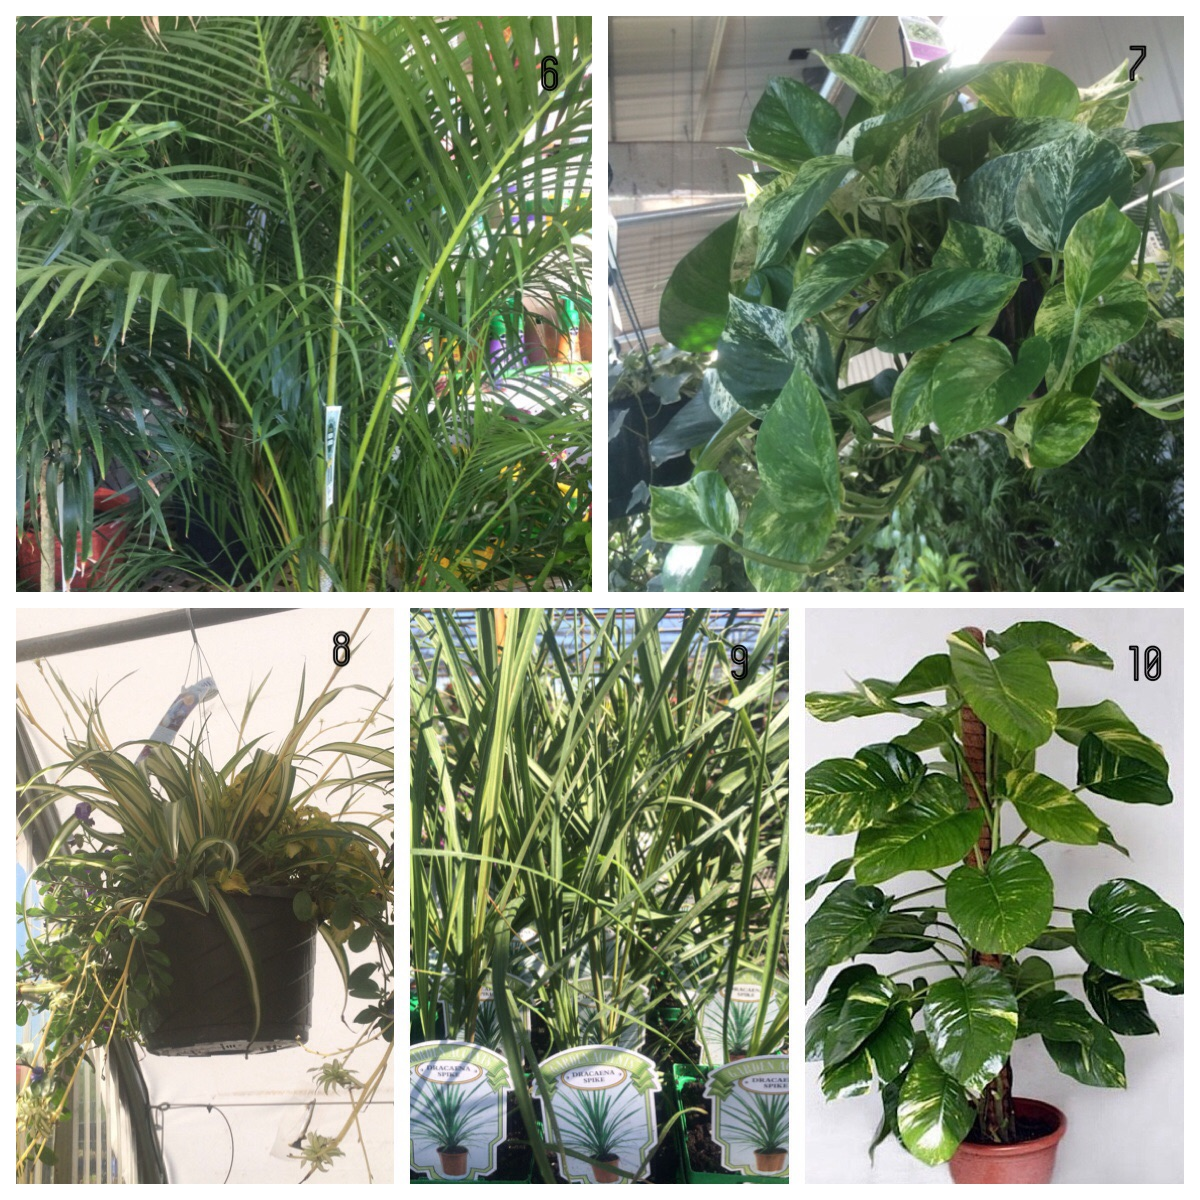 Las mejores plantas para el interior del hogar for Mejores plantas para interior